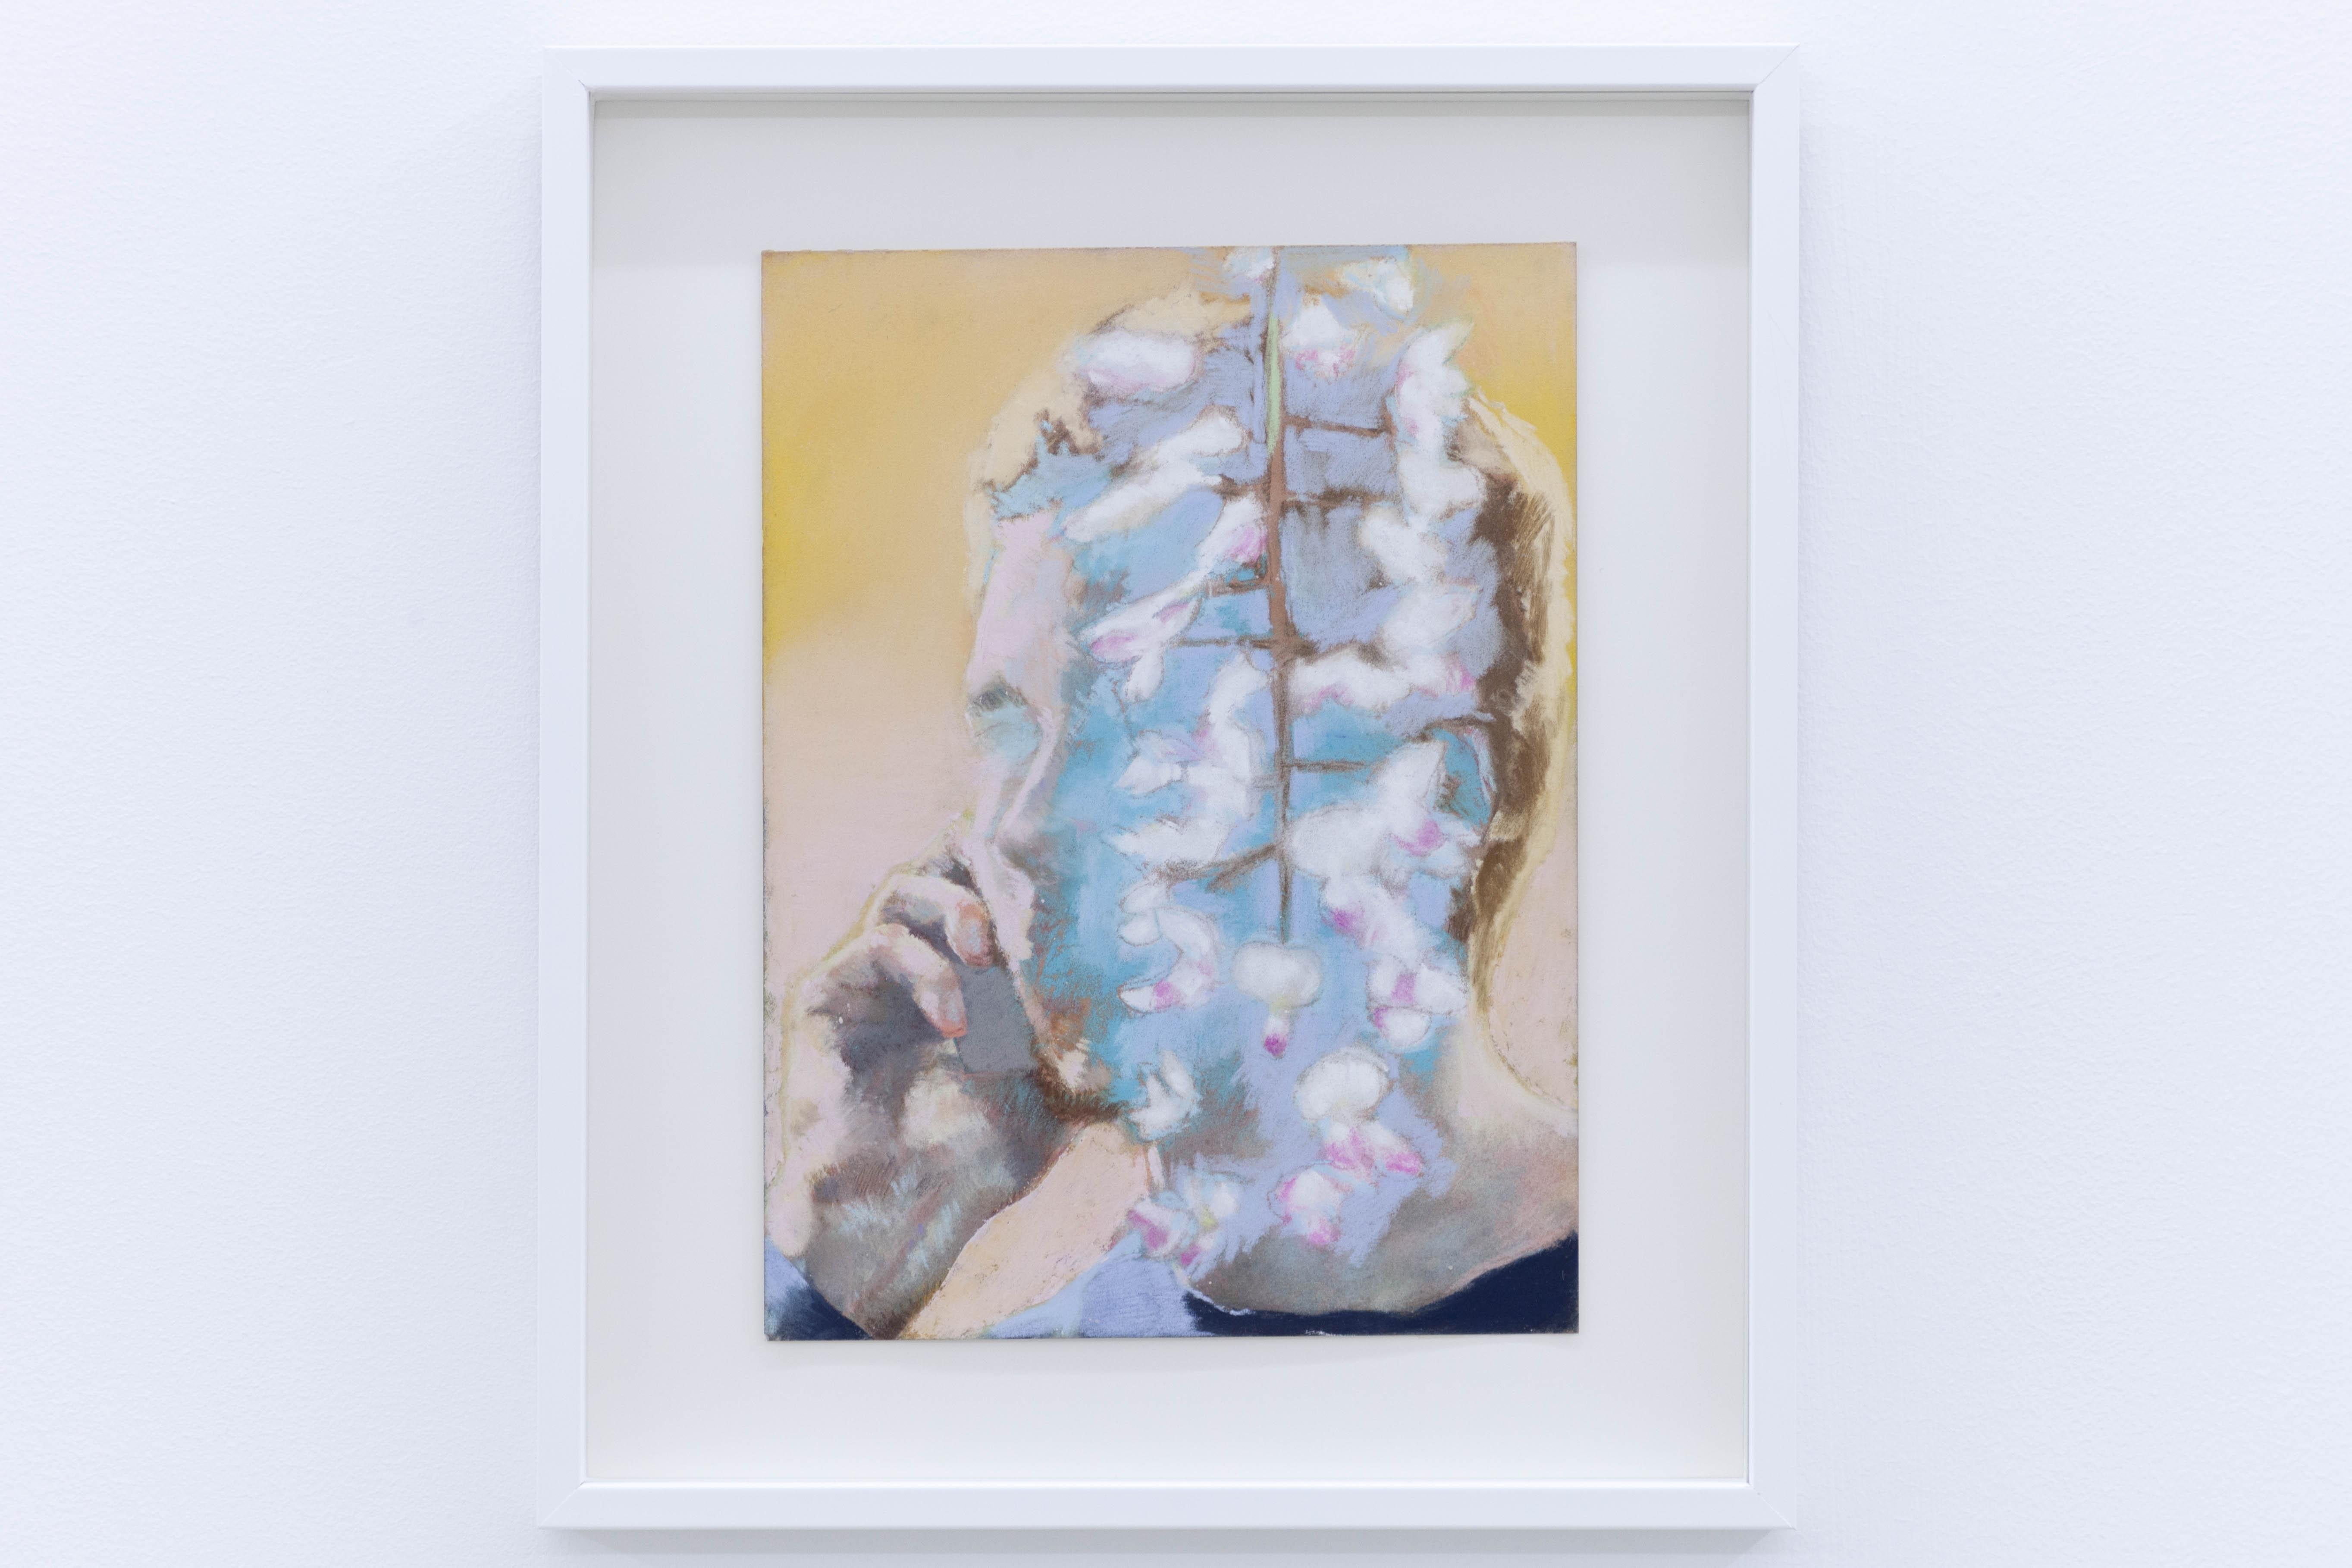 Ta voix dans les glycines, étude, 2020, pastel sec sur papier, 24 x 19 cm_photo Julie Coulon_web_2